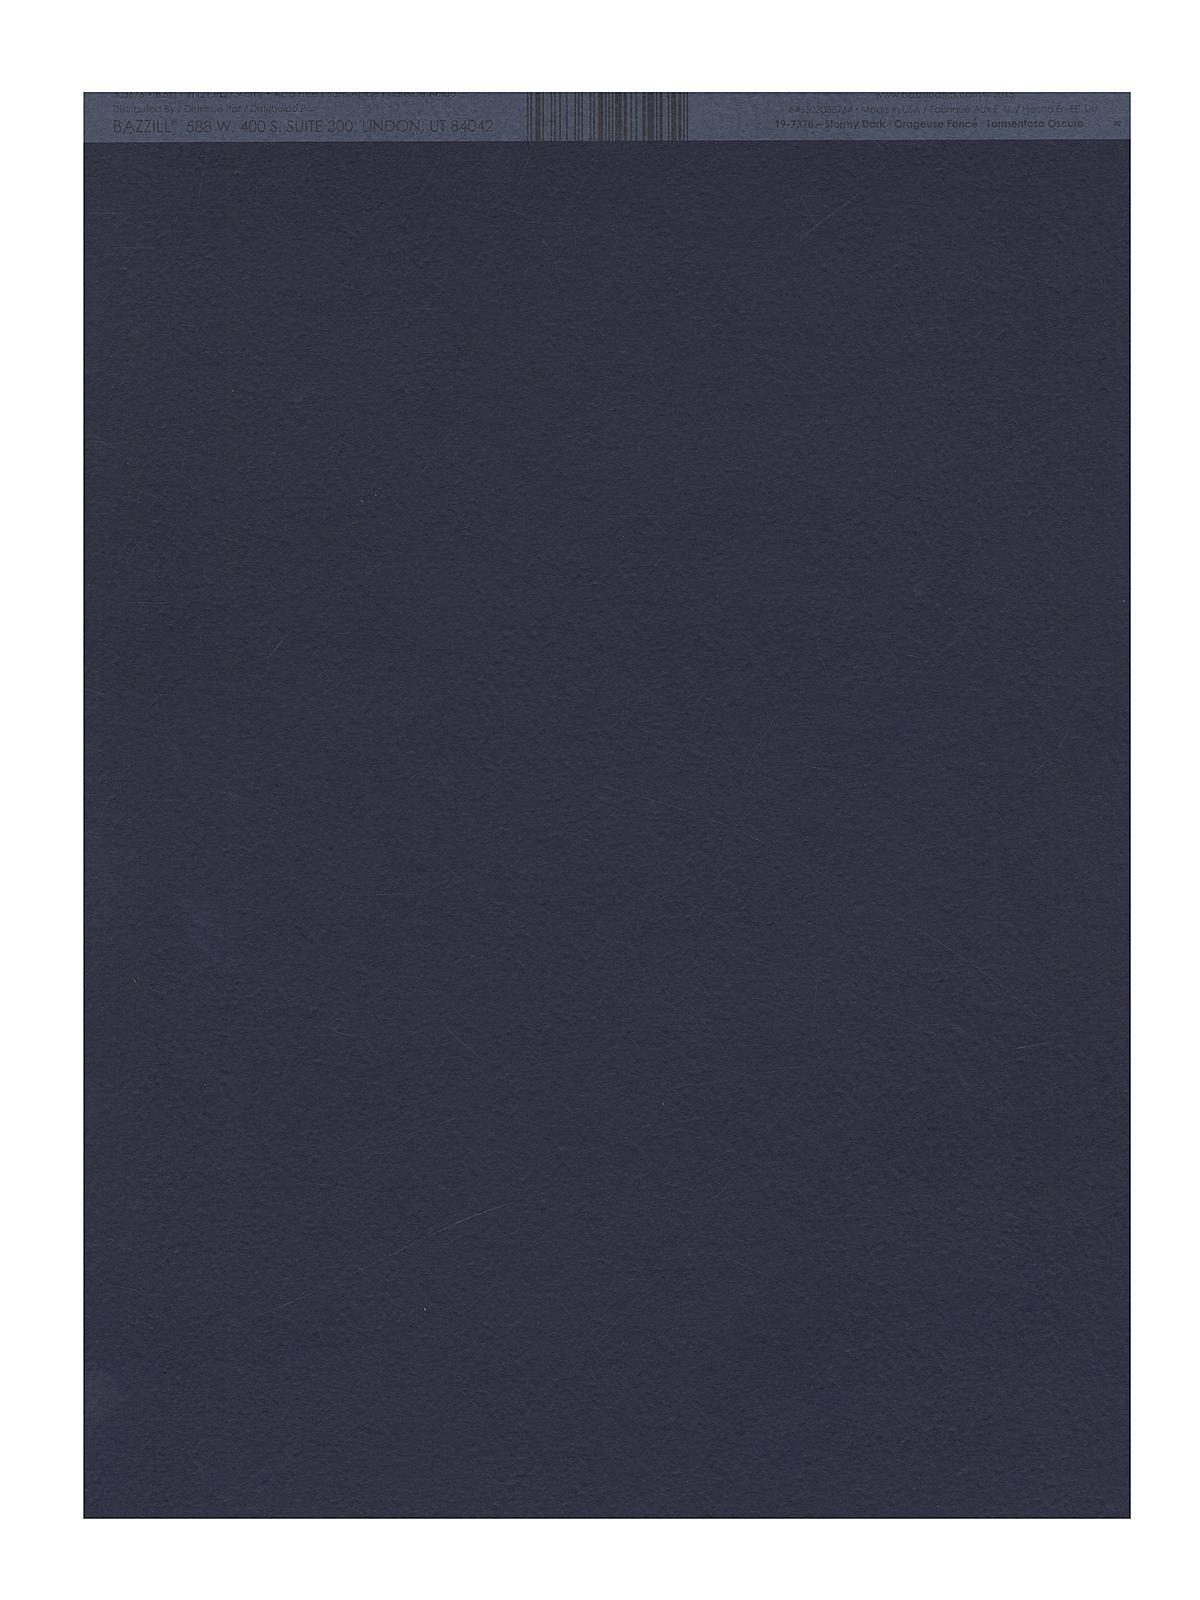 Classic Cardstock 8 1 2 In. X 11 In. Stormy Dark Sheet